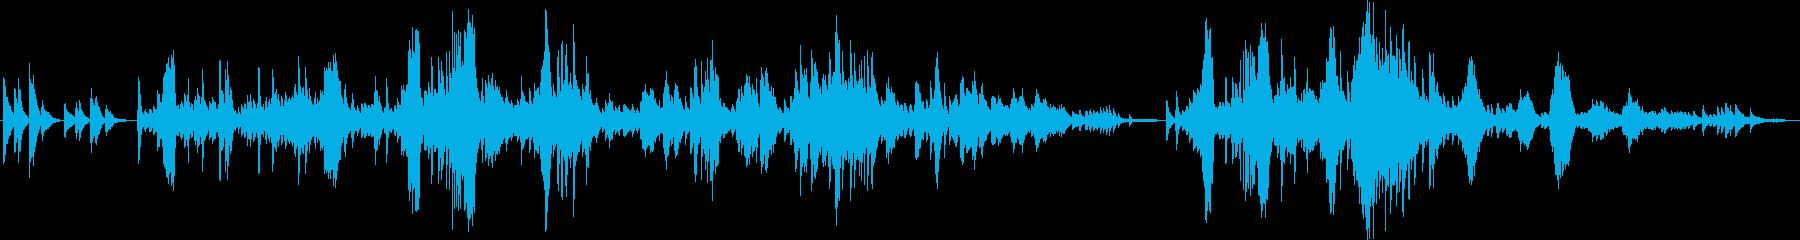 ショパン 遺作 ピアノの再生済みの波形